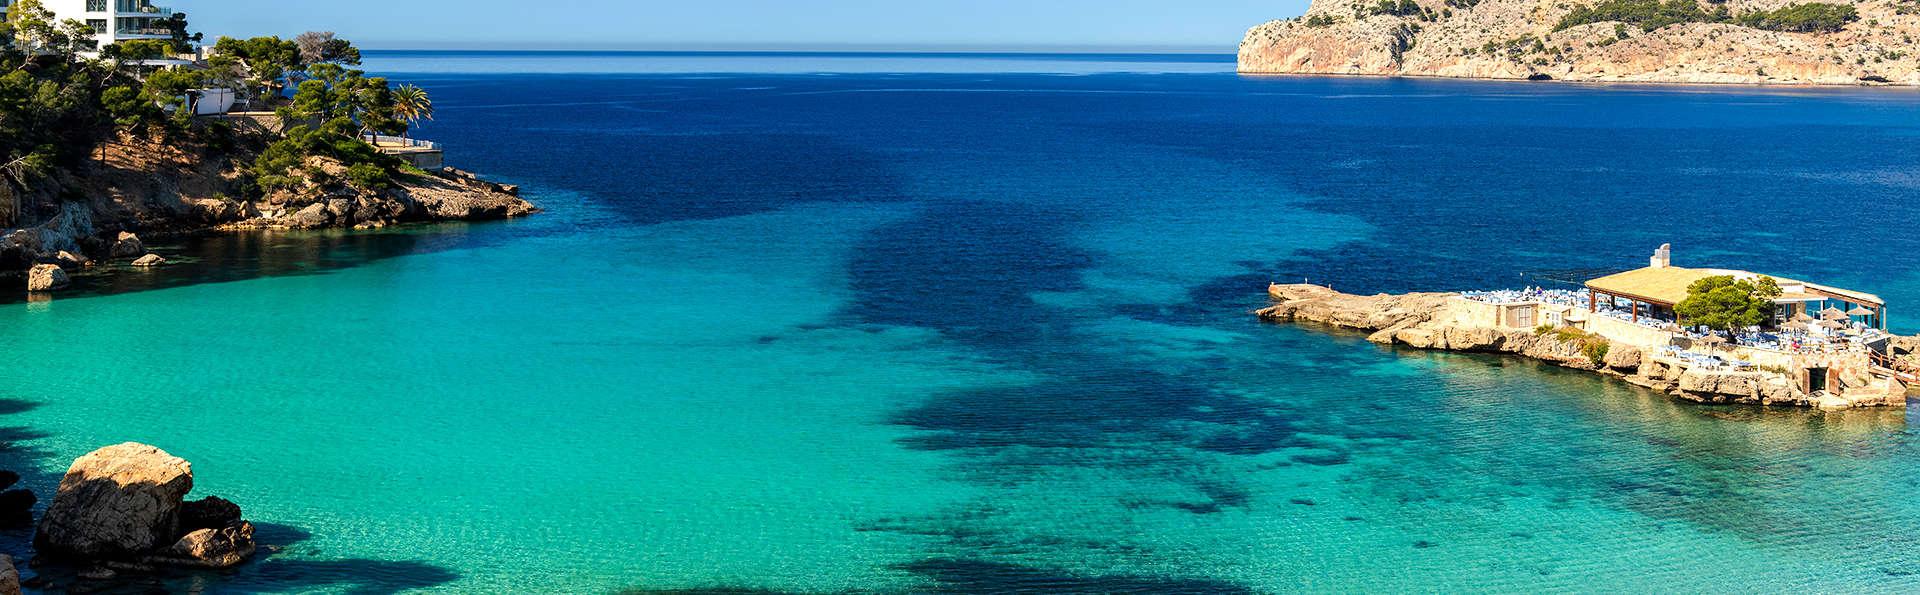 Escápate a la Costa de Camp de Mar en un 4*: una de las mejores playas de Mallorca